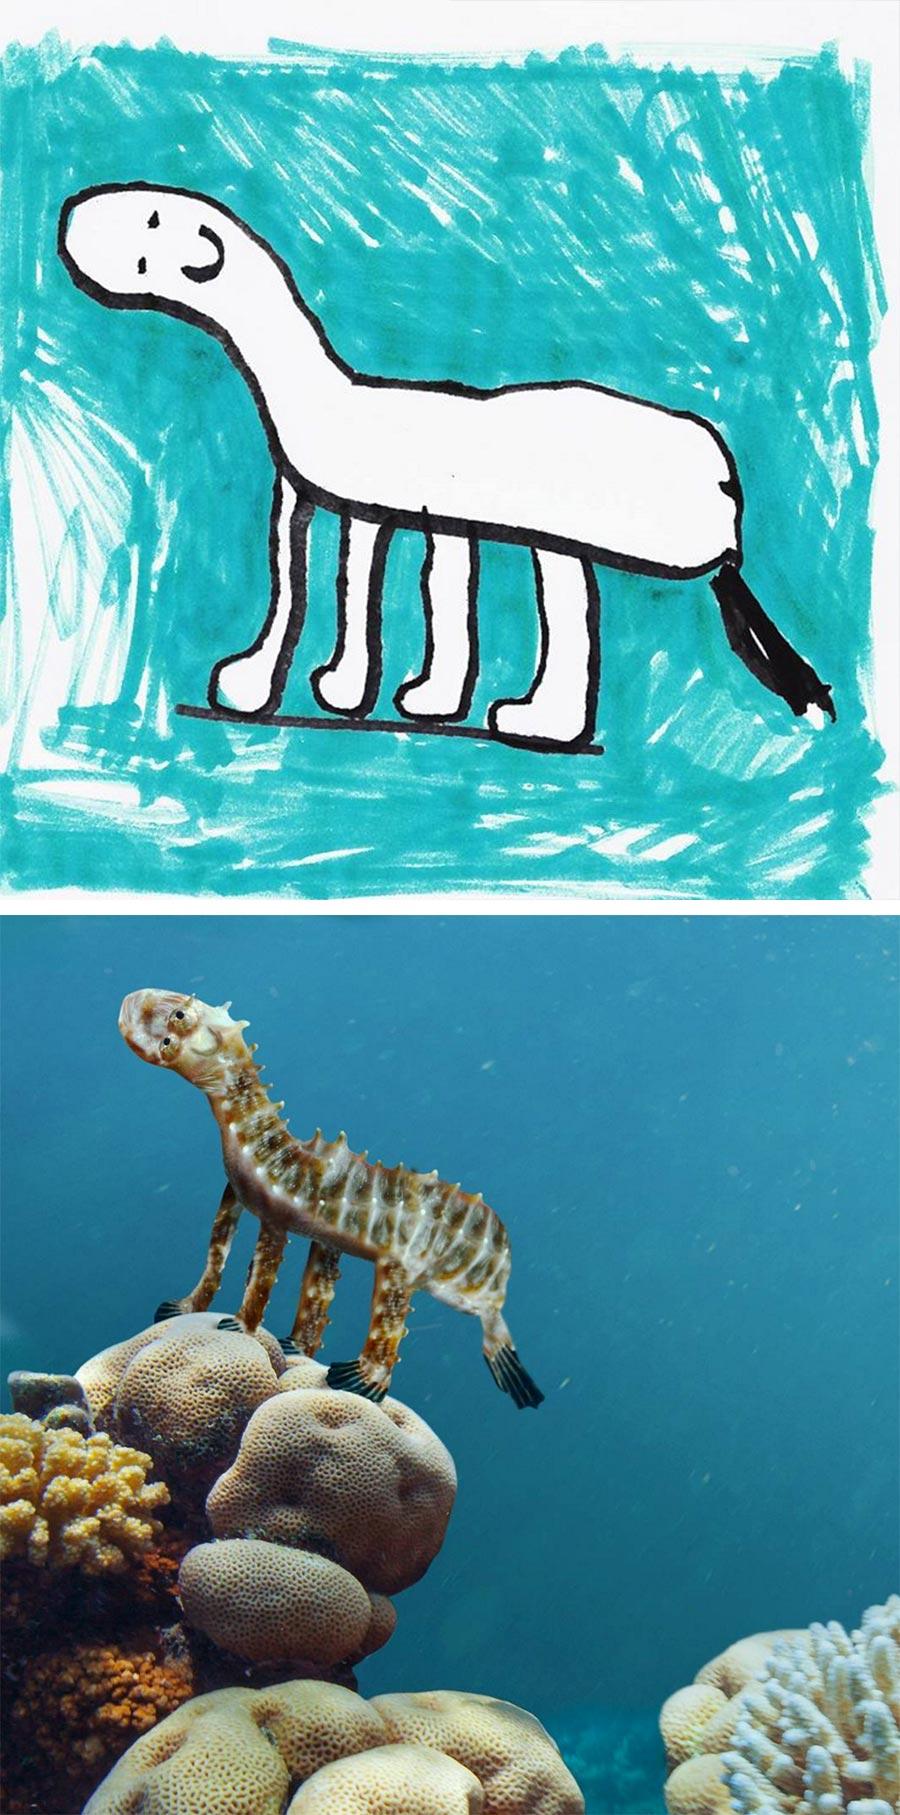 Vater photoshopped Zeichnungen seines 6-jährigen Sohnes in die Realität thingsihavedrawn_03